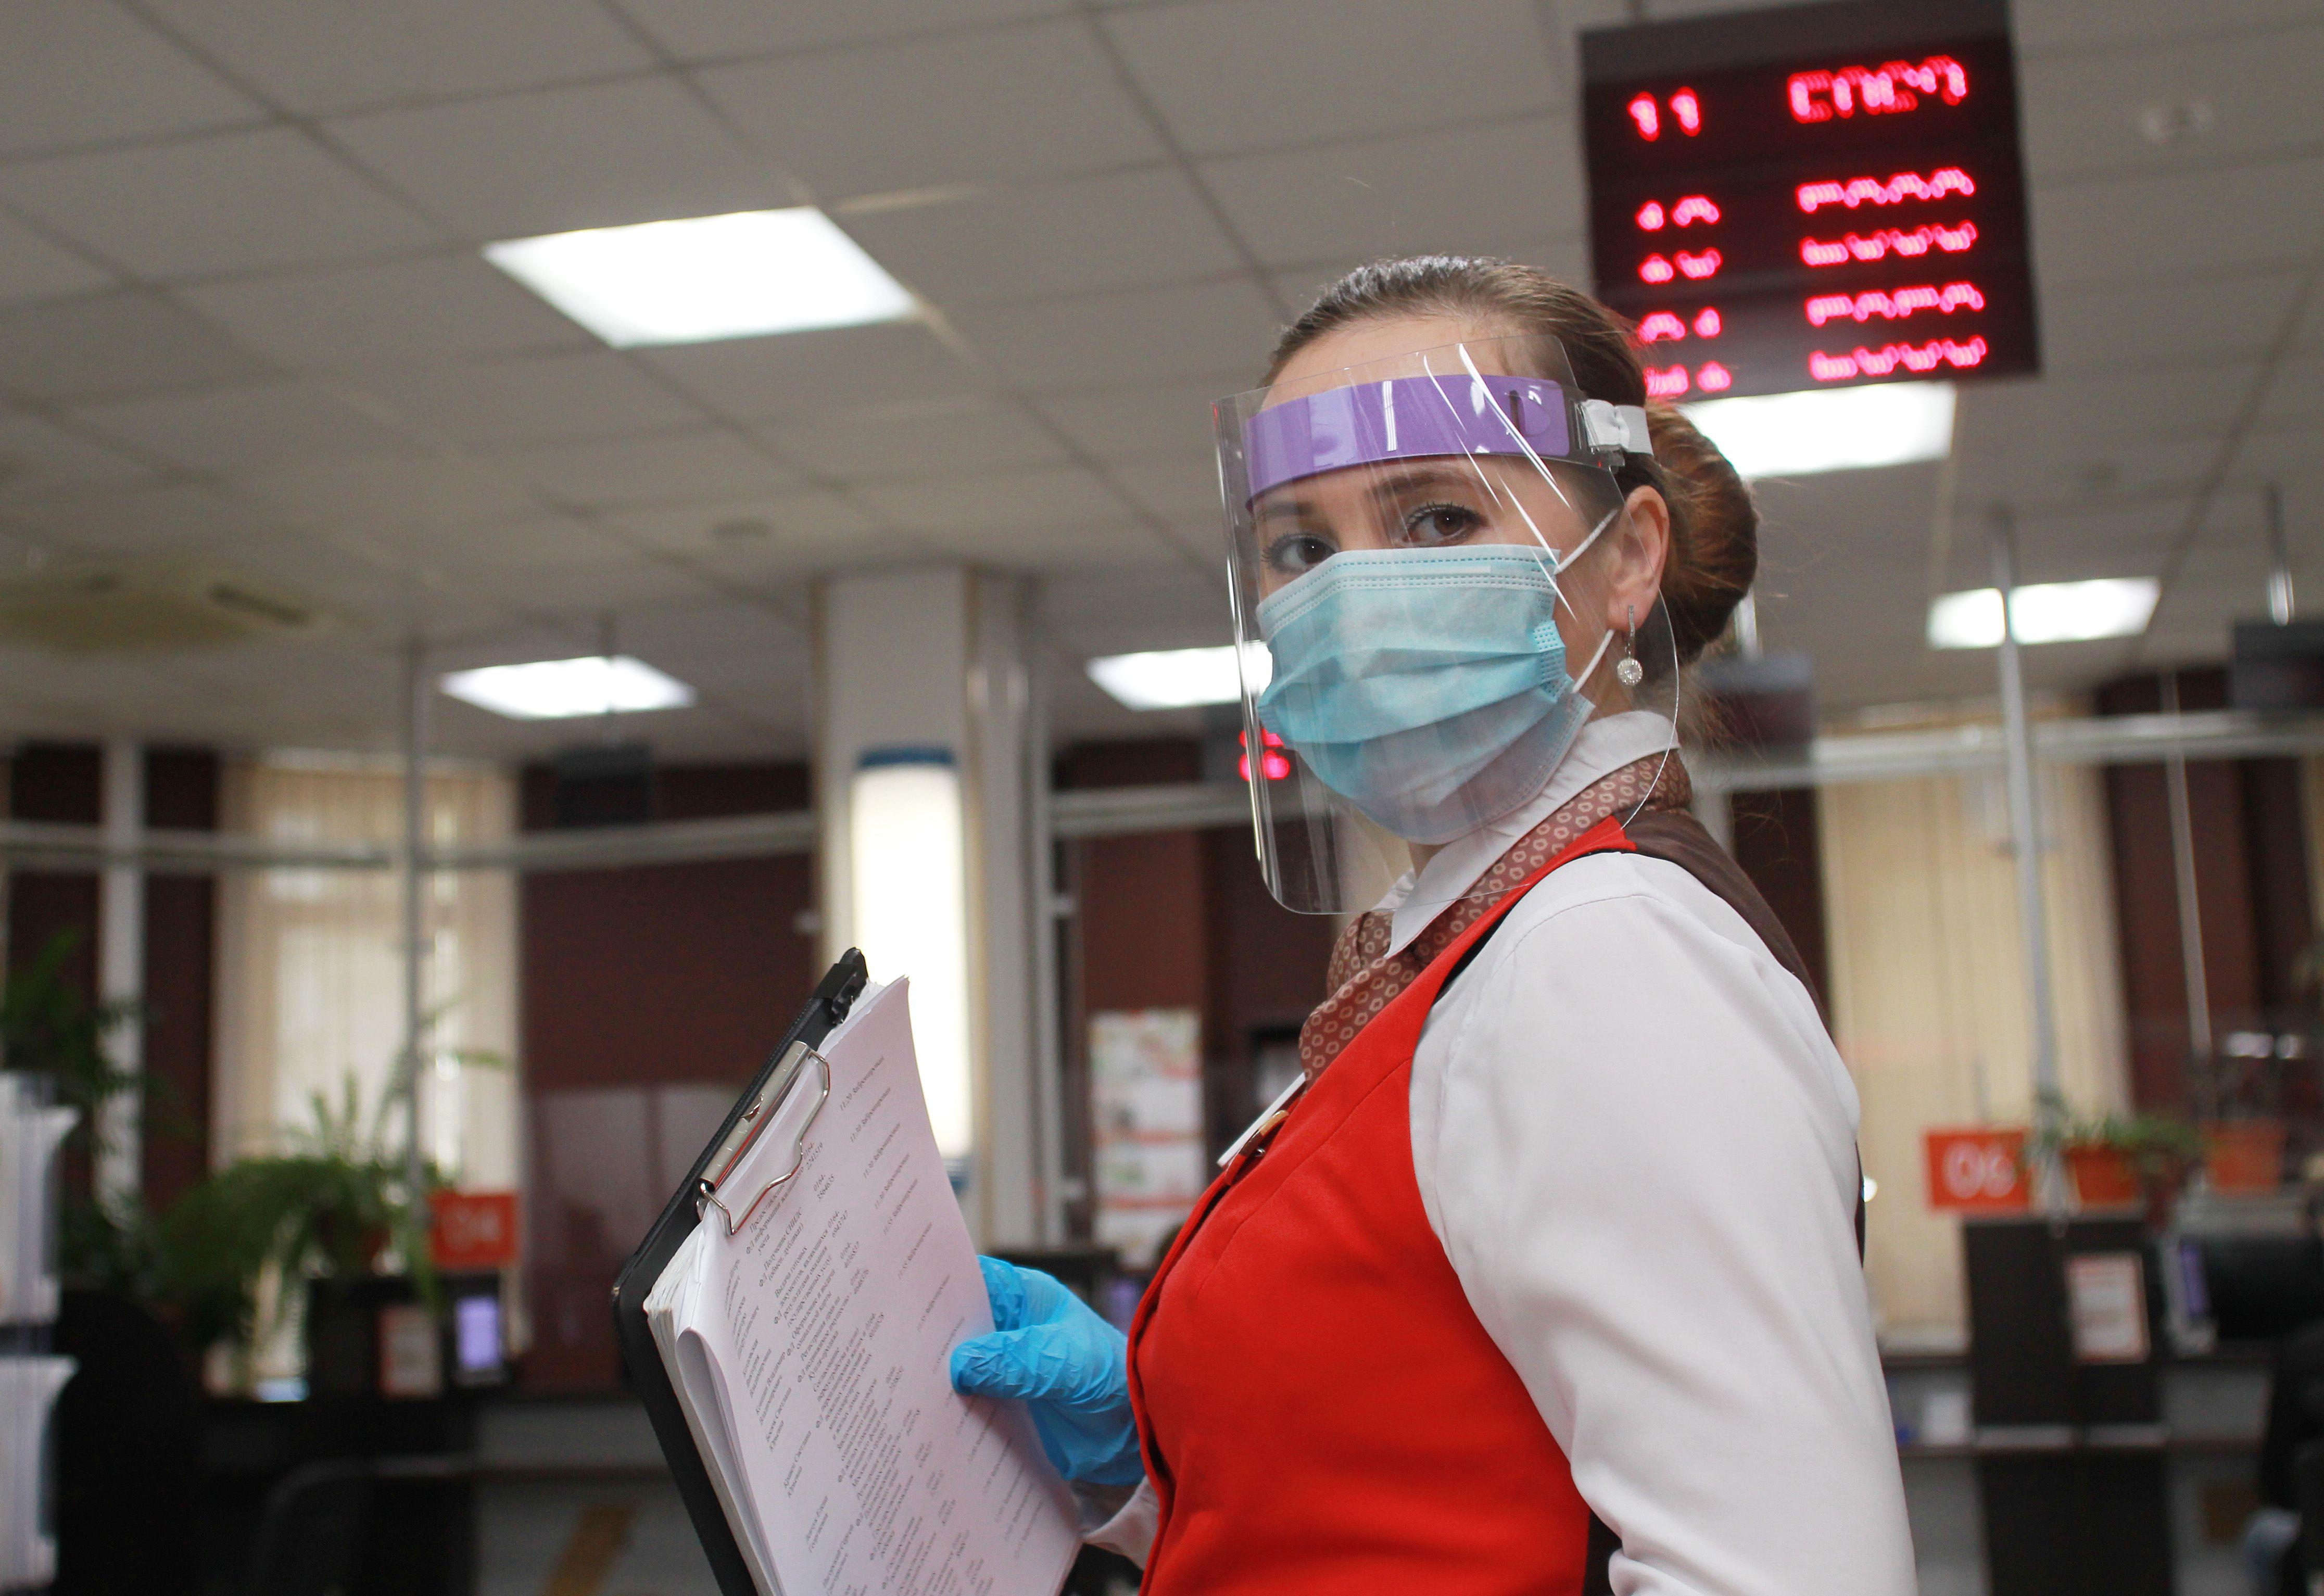 Свыше 12 тысяч человек обратились в центры госуслуг с начала недели